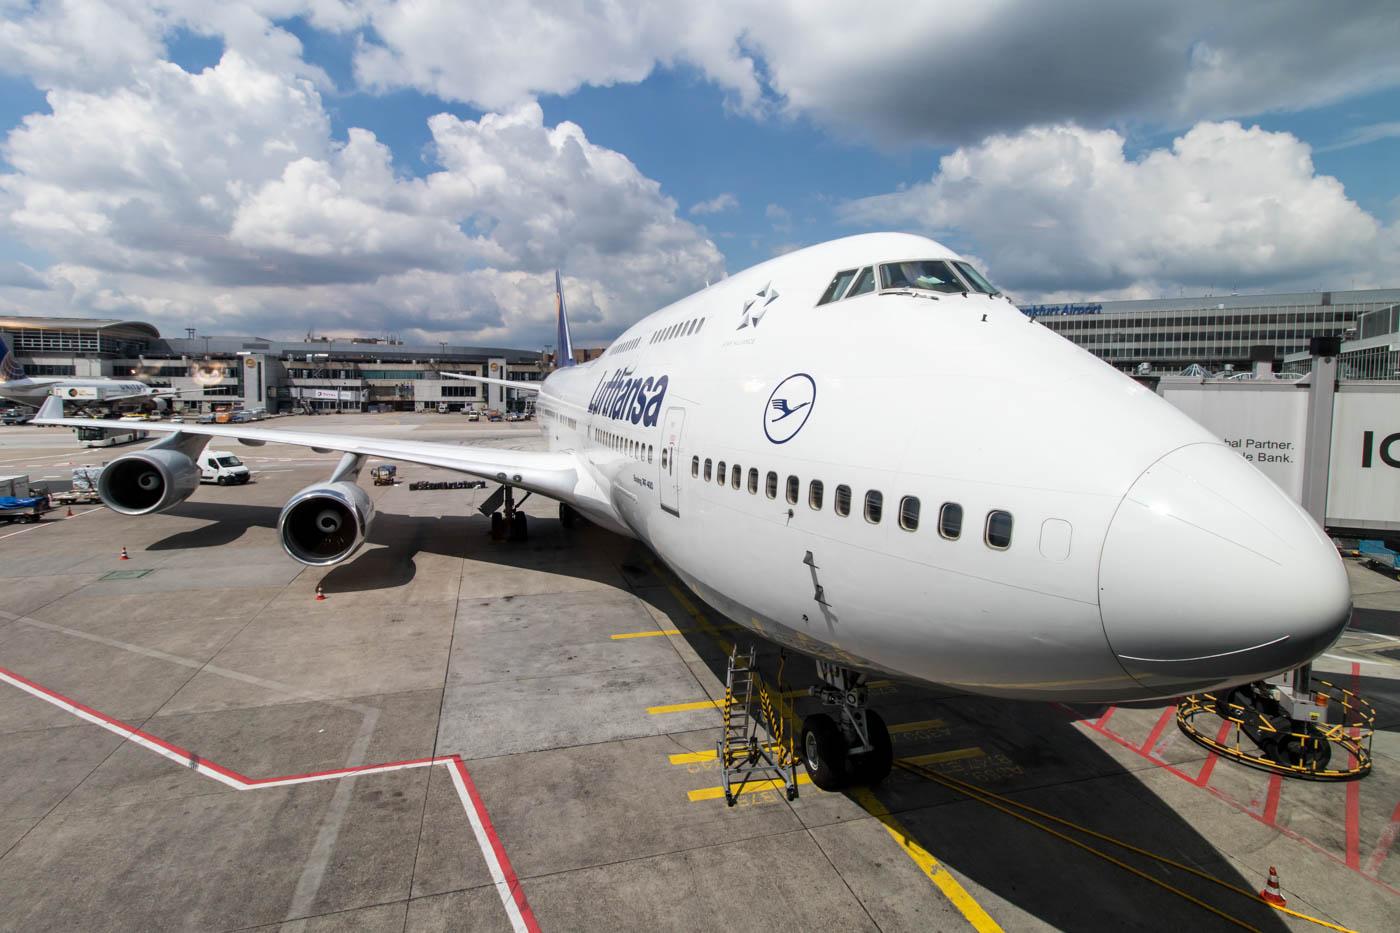 Lufthansa Boeing 747-400 at Frankfurt Airport